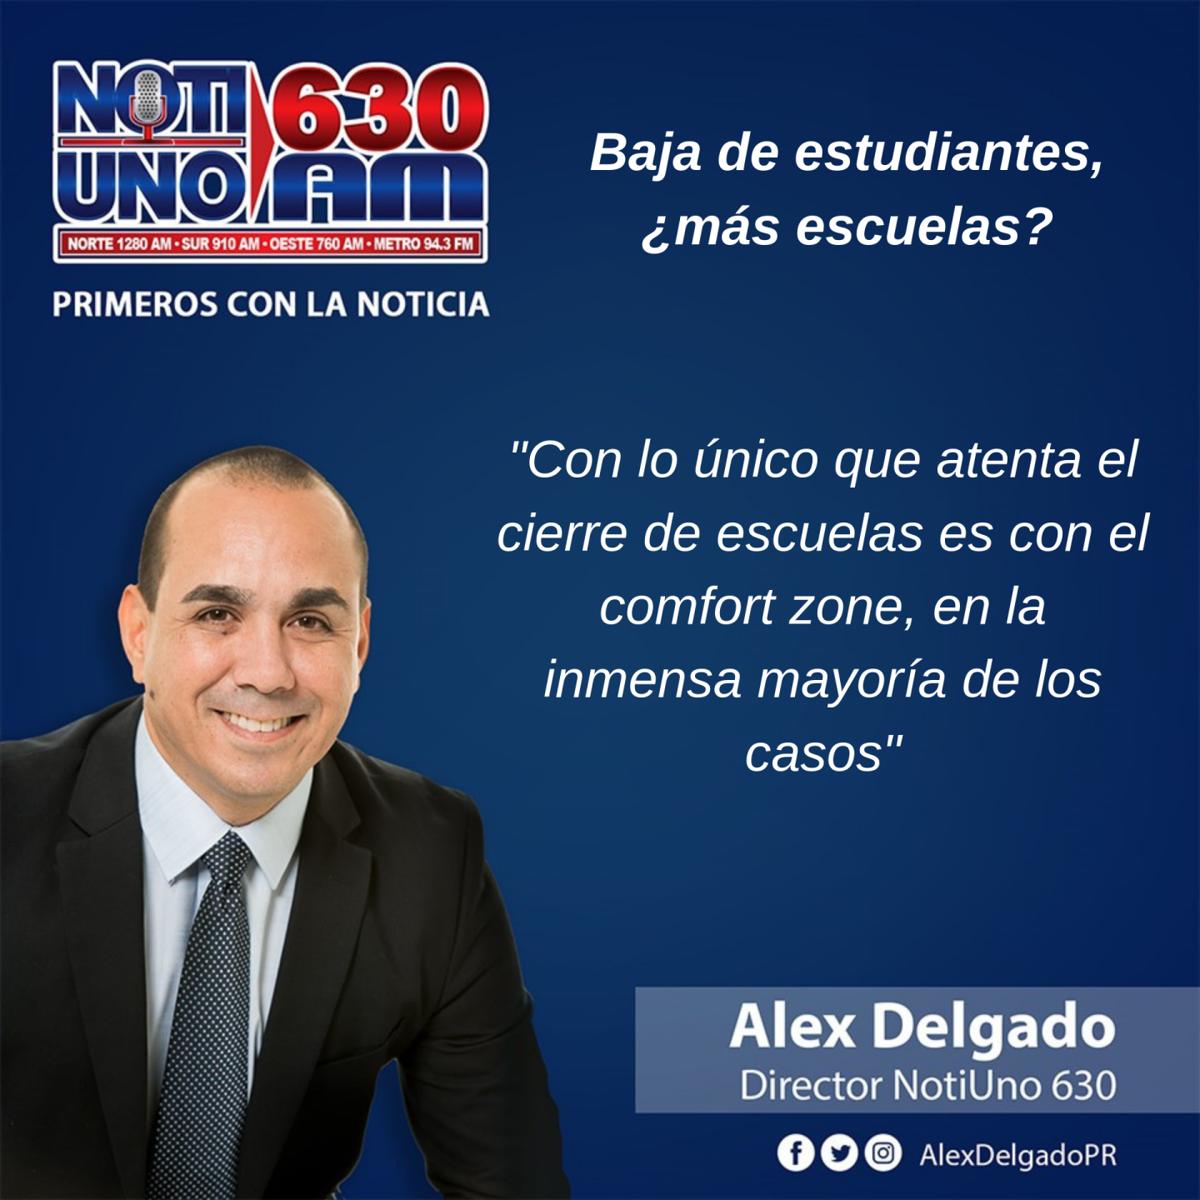 Alex Delgado - columna - menos estudiantes mas escuelas - mayo 20 2019